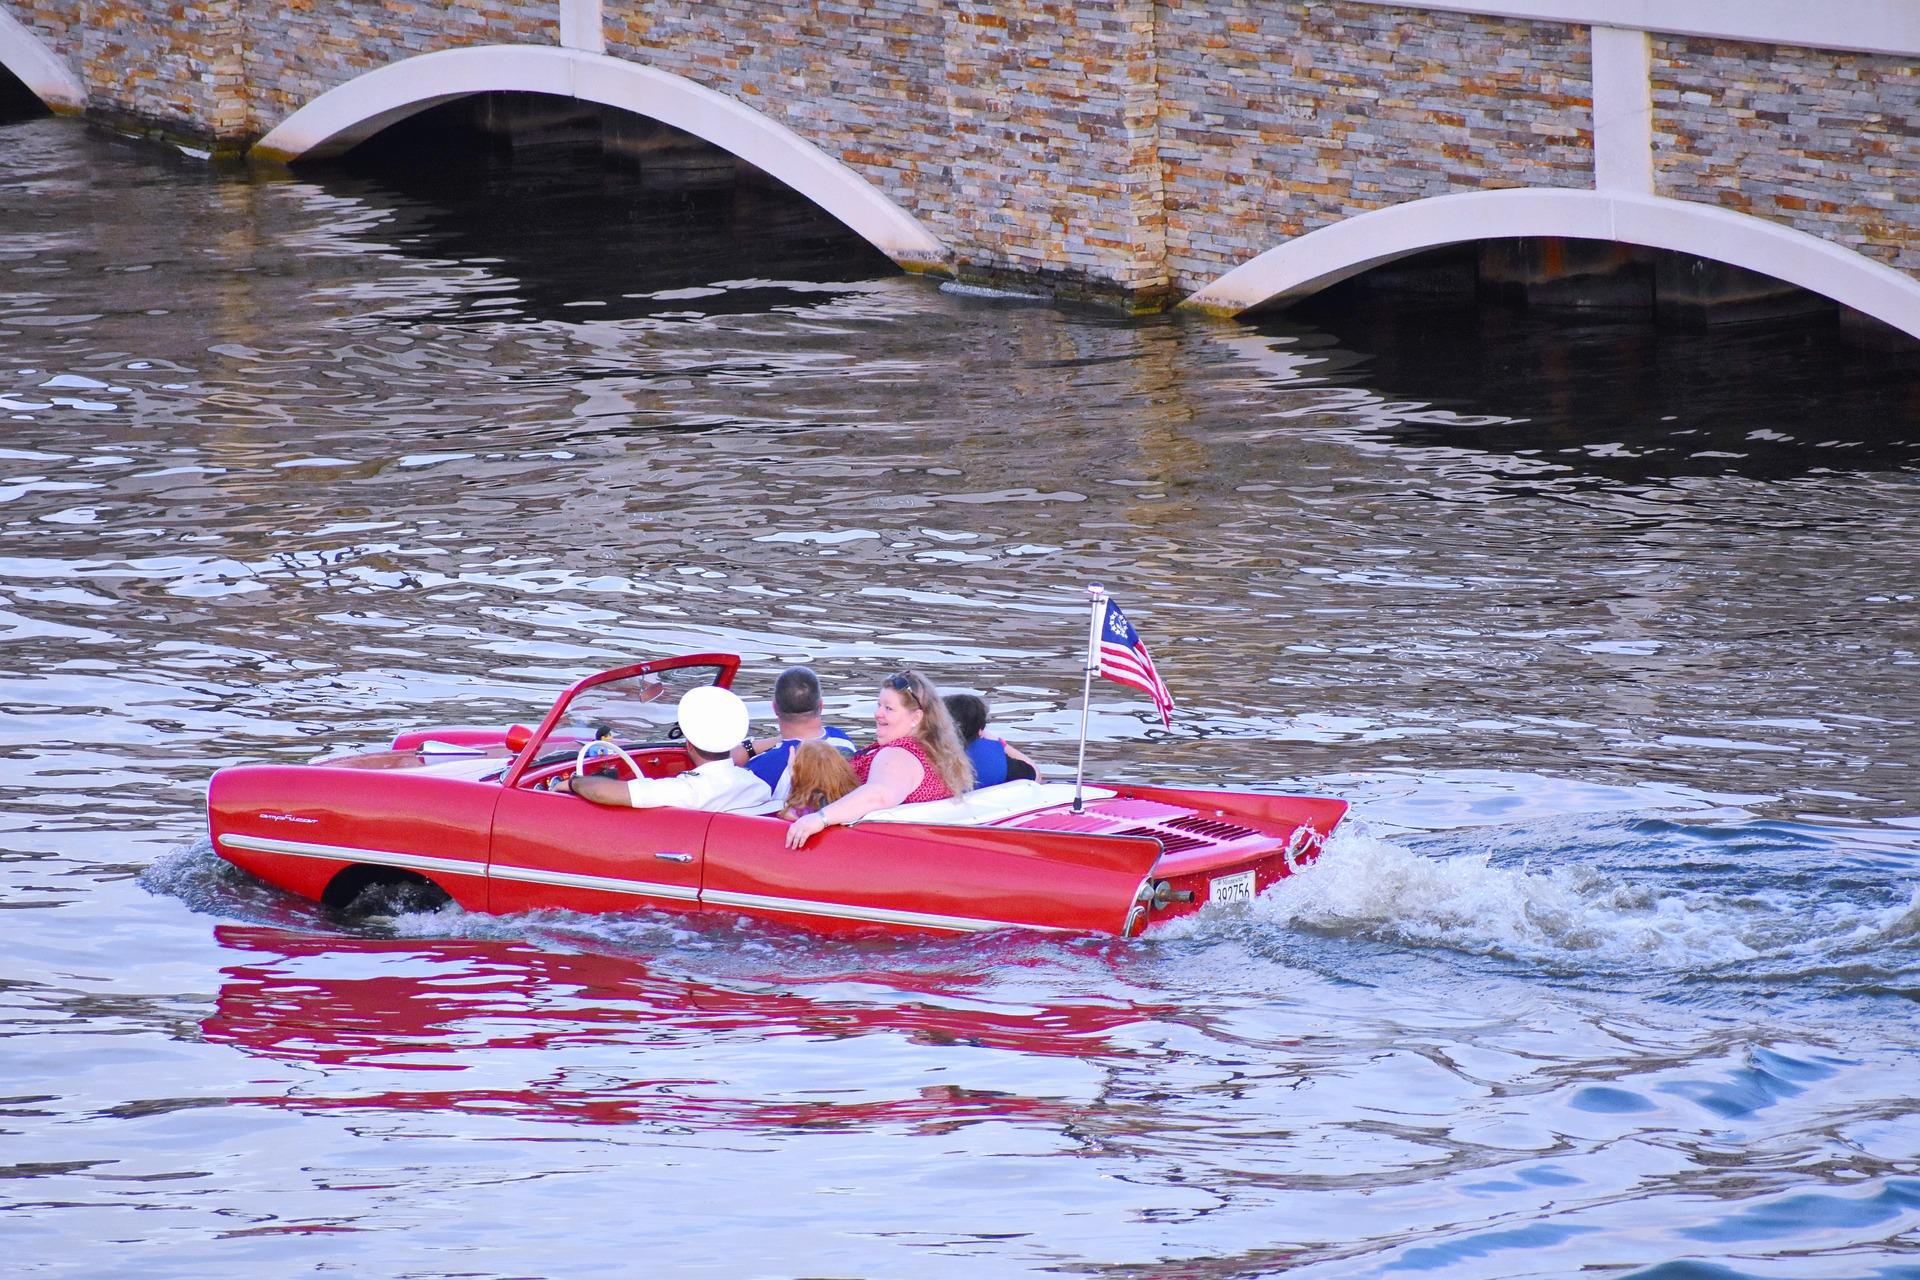 Boat ride in Orlando, Florida